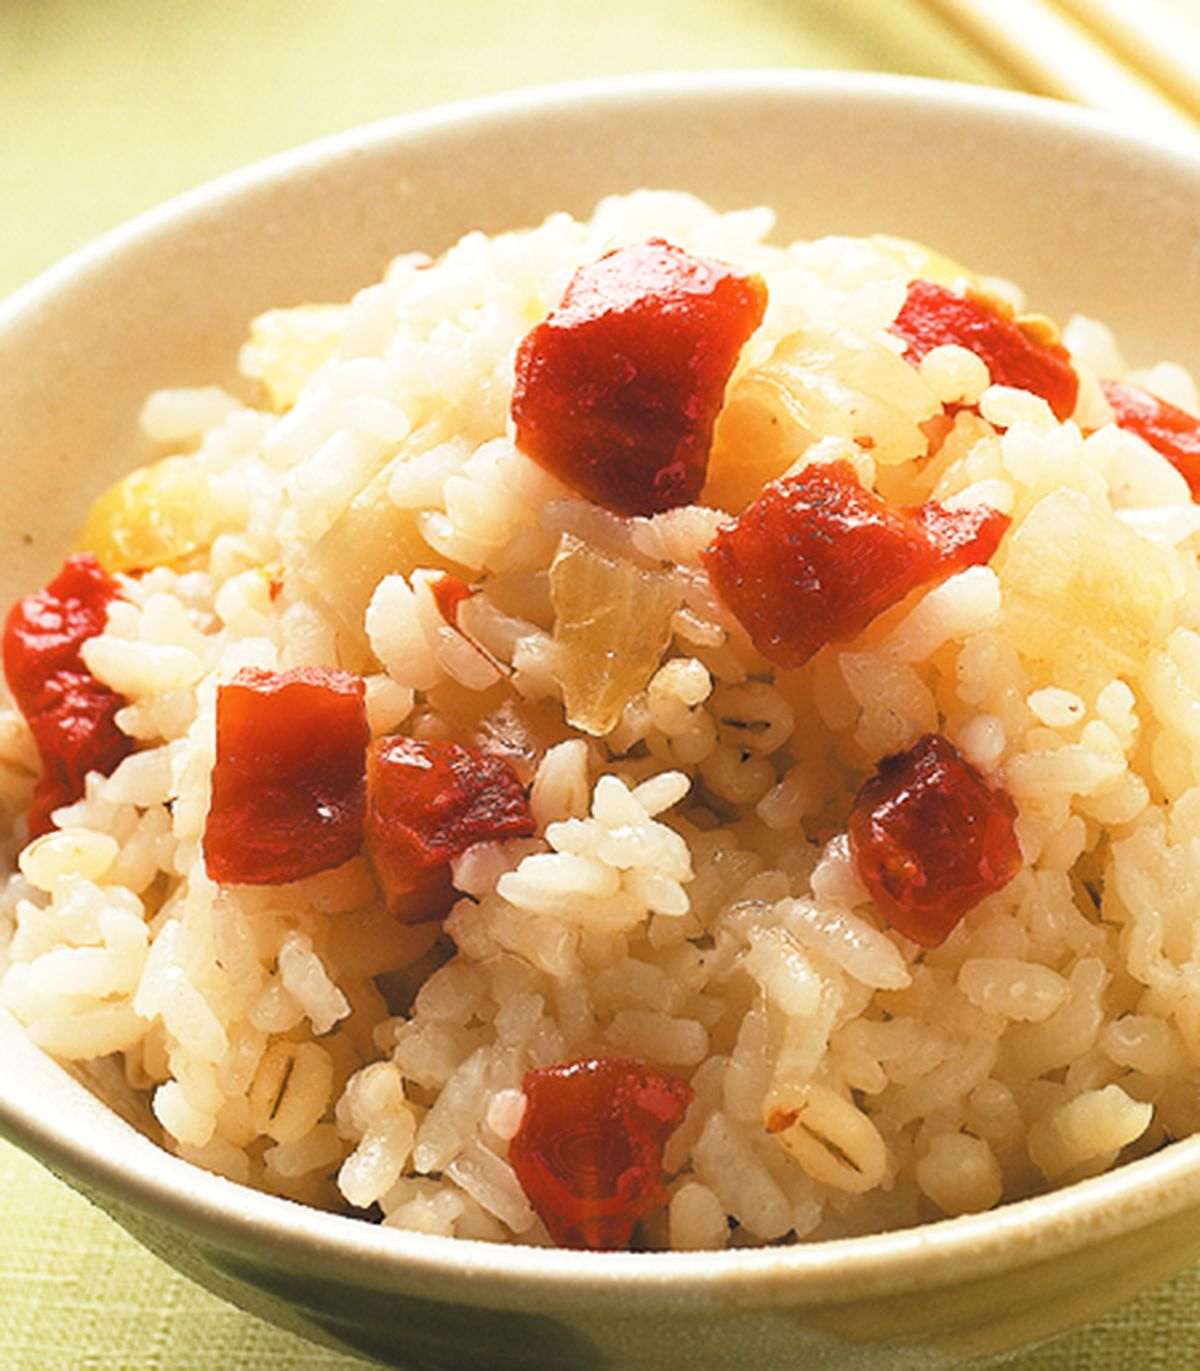 食譜:蕃茄蒸飯